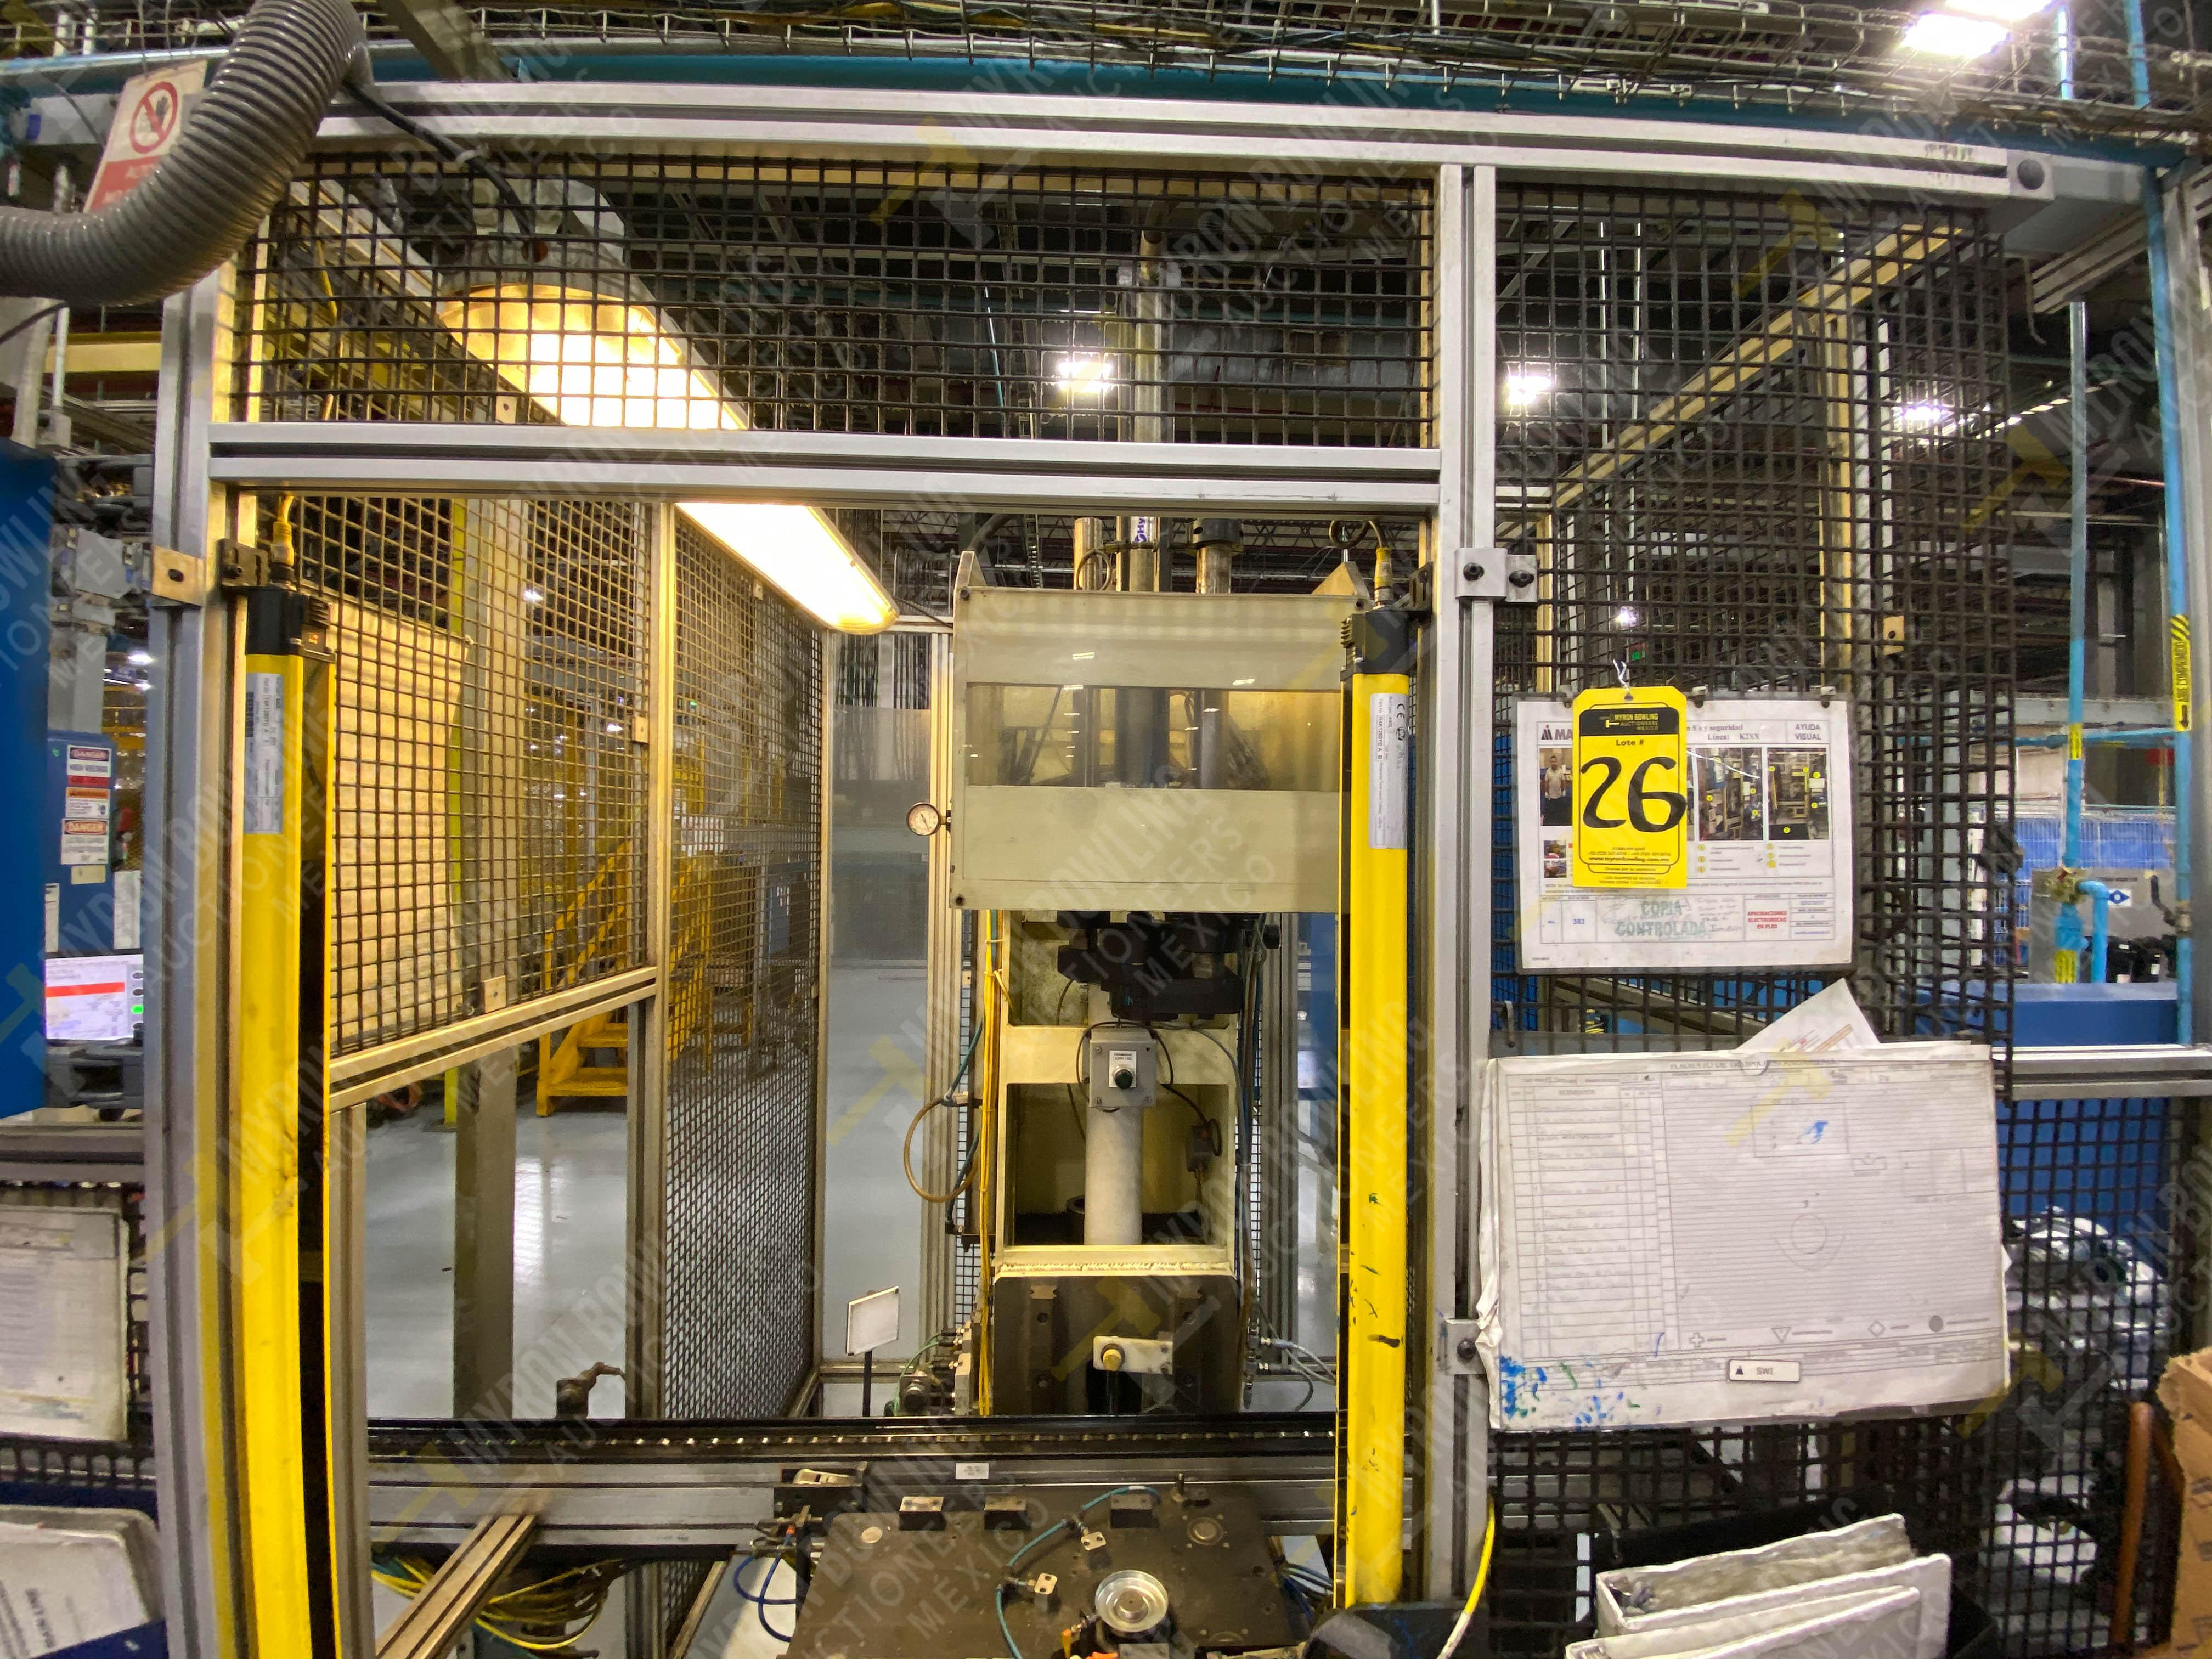 Estación manual para operación 383, contiene: Prensa marca PROMESS en estructura de placa de acero - Image 8 of 27